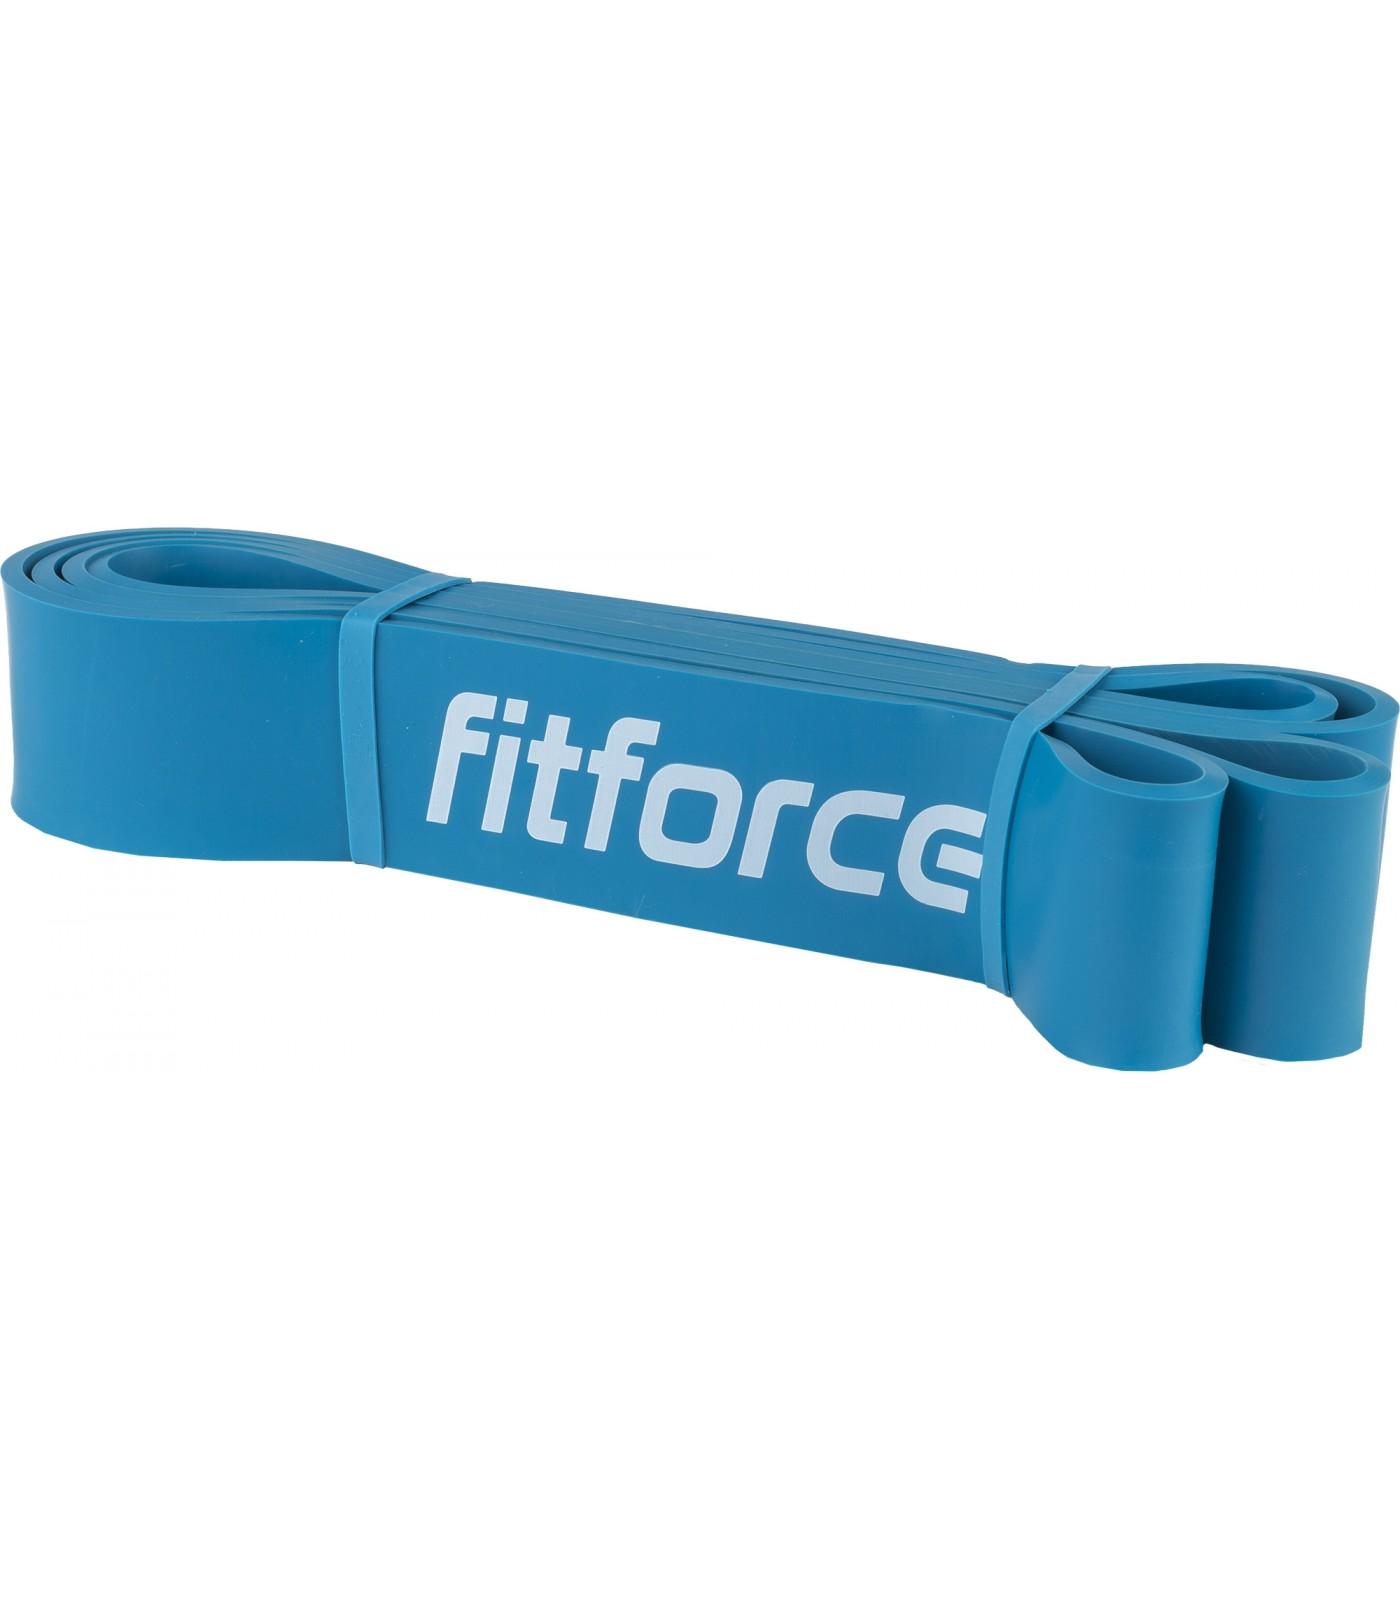 FitForce - Ластична лента за упражнения - Синя - 55 кг